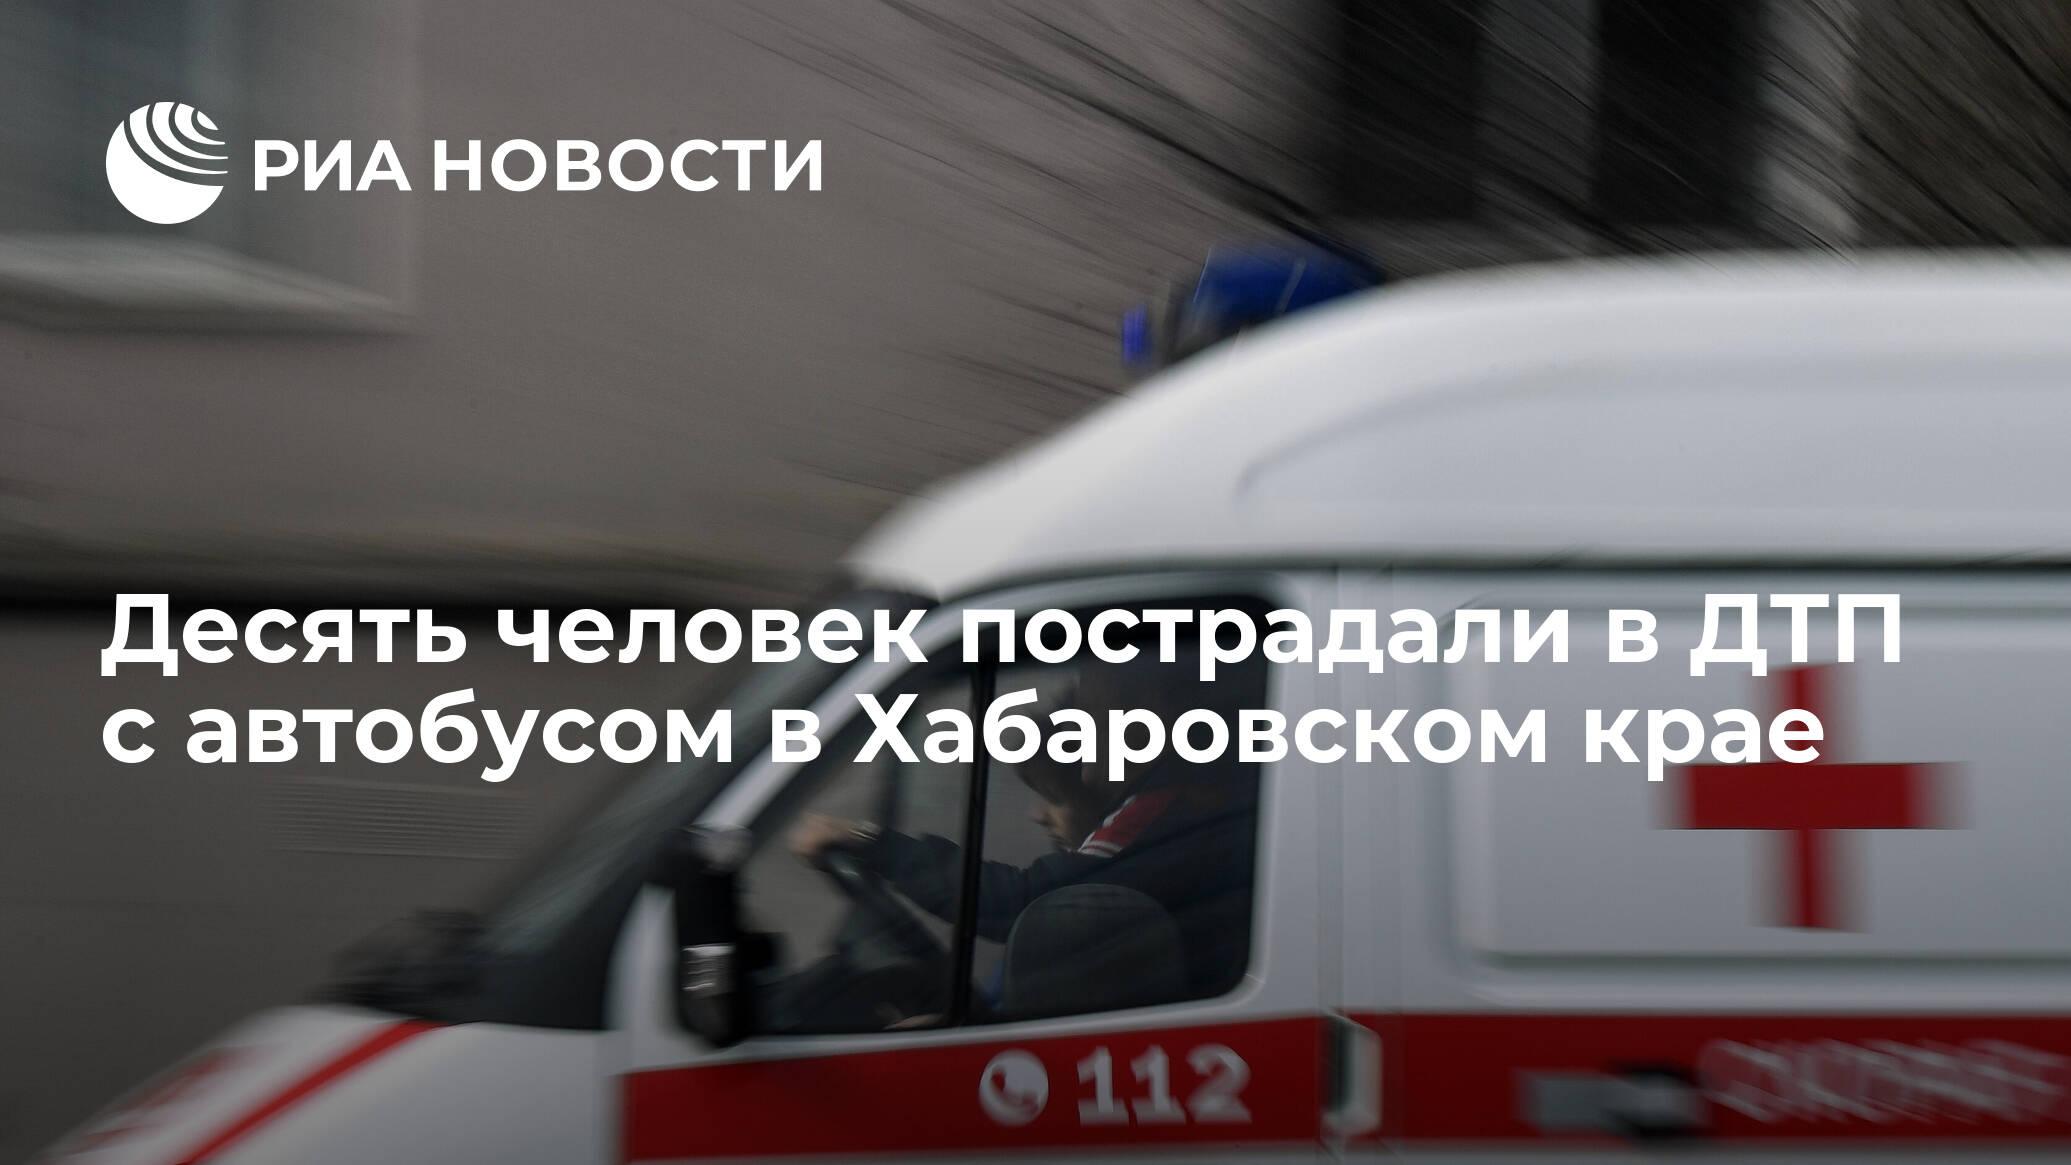 Десять человек пострадали в ДТП с автобусом в Хабаровском крае